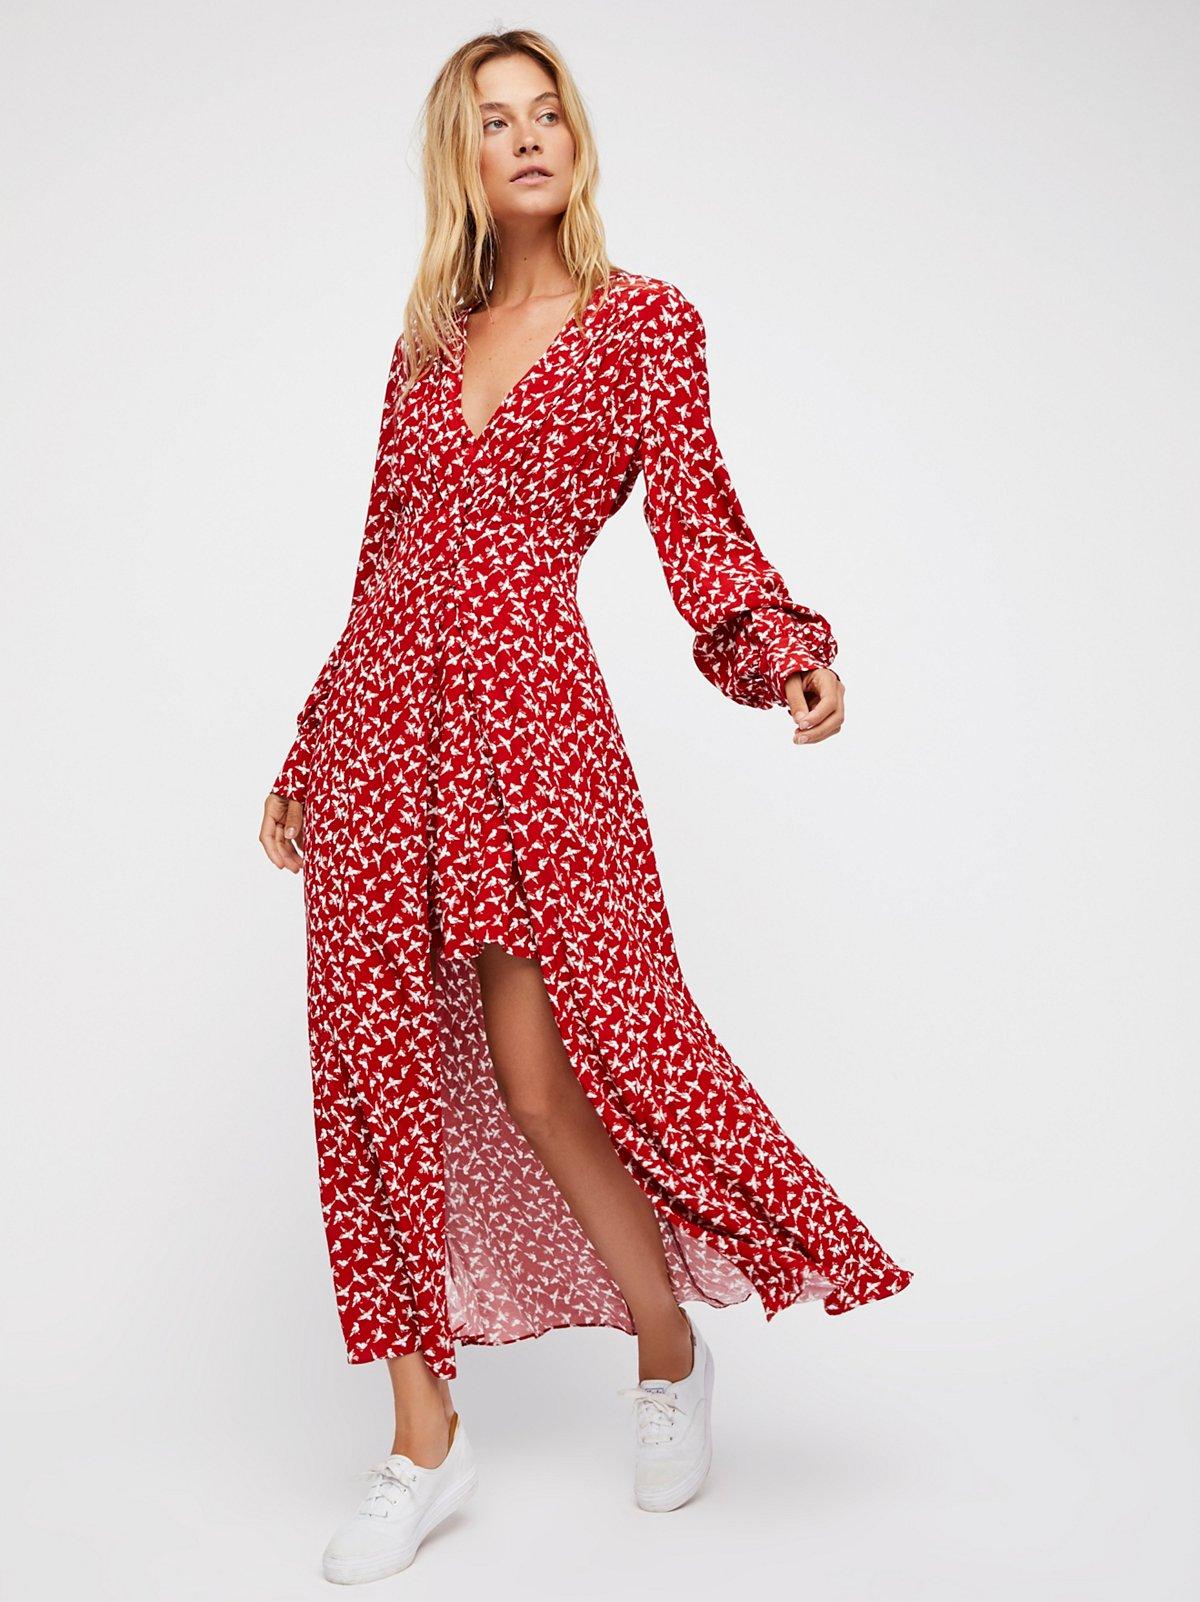 Walk Me Home Dress Co-Ord